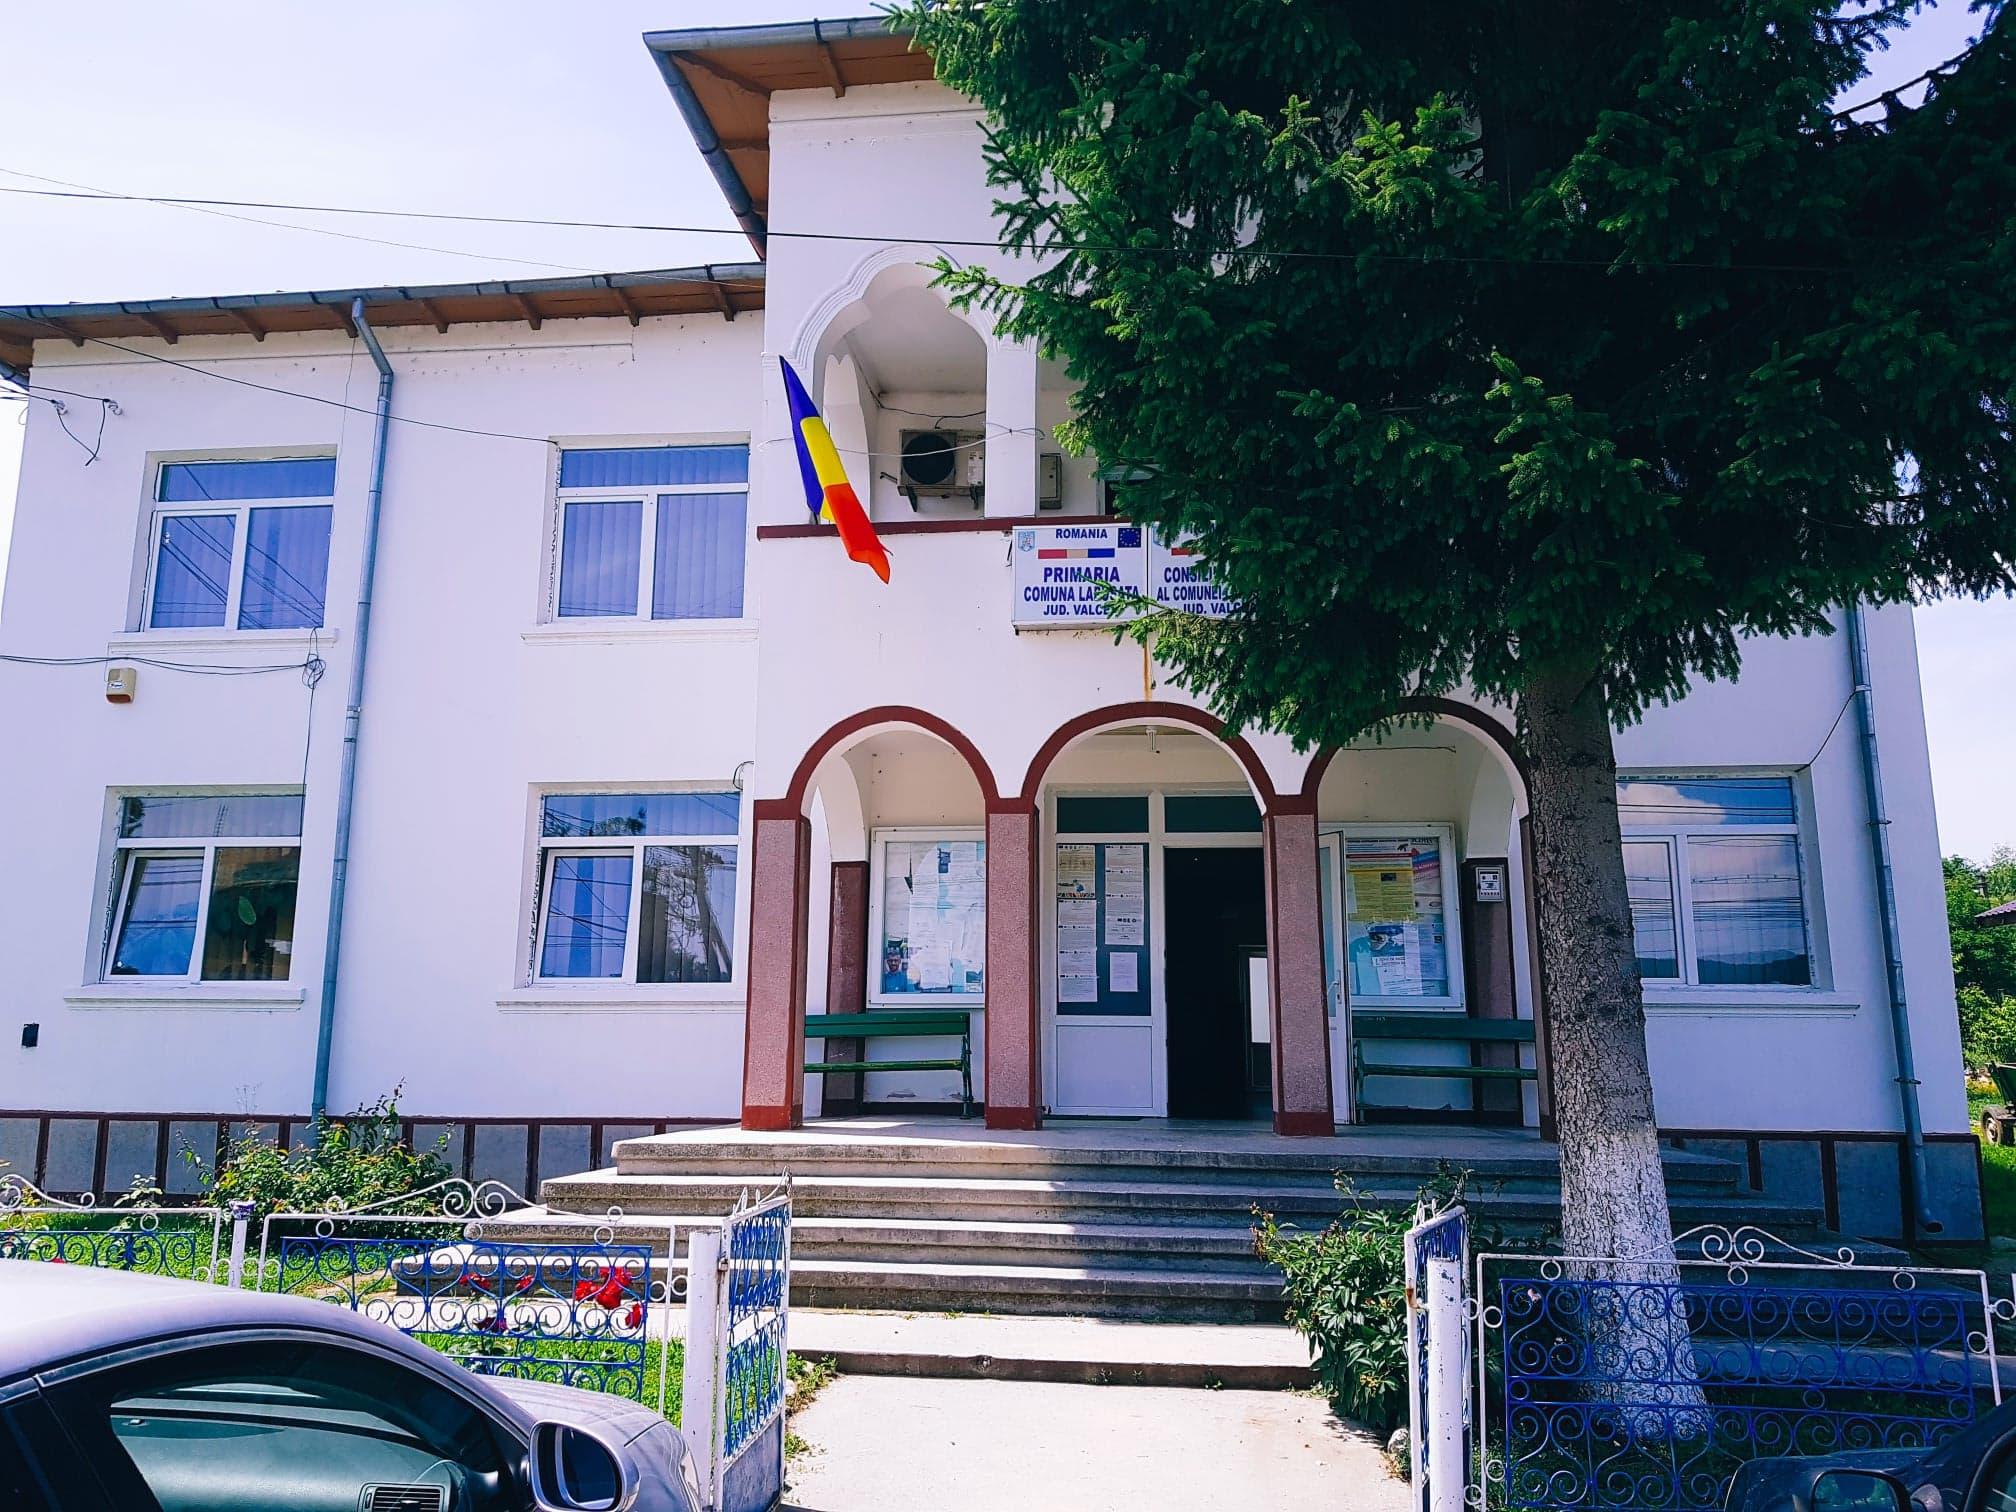 Proiectele de modernizare a comunei rămân prioritatea Primăriei Lăpuşata